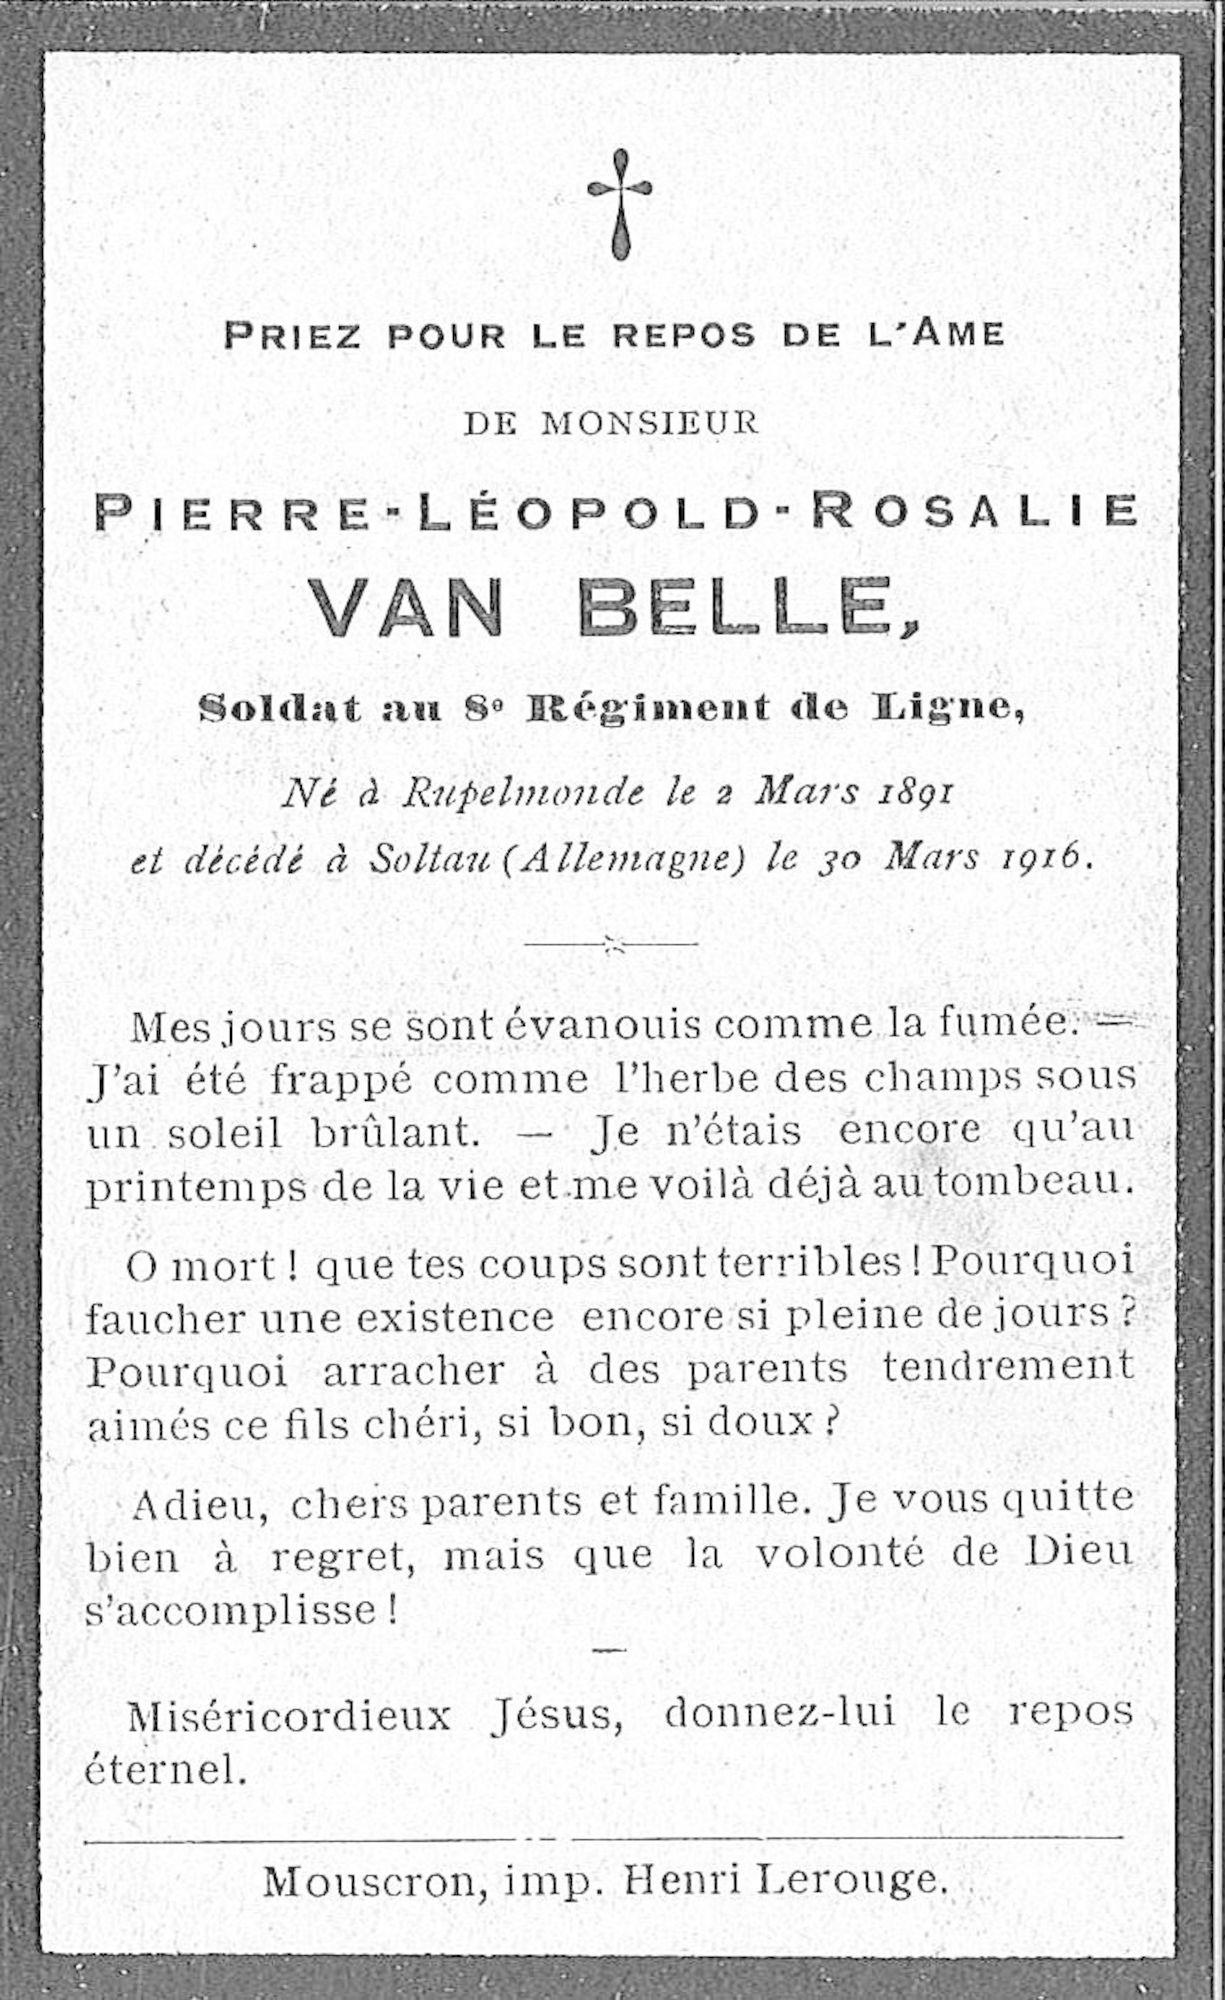 Pierre-Léopold-Rosalie Van Belle